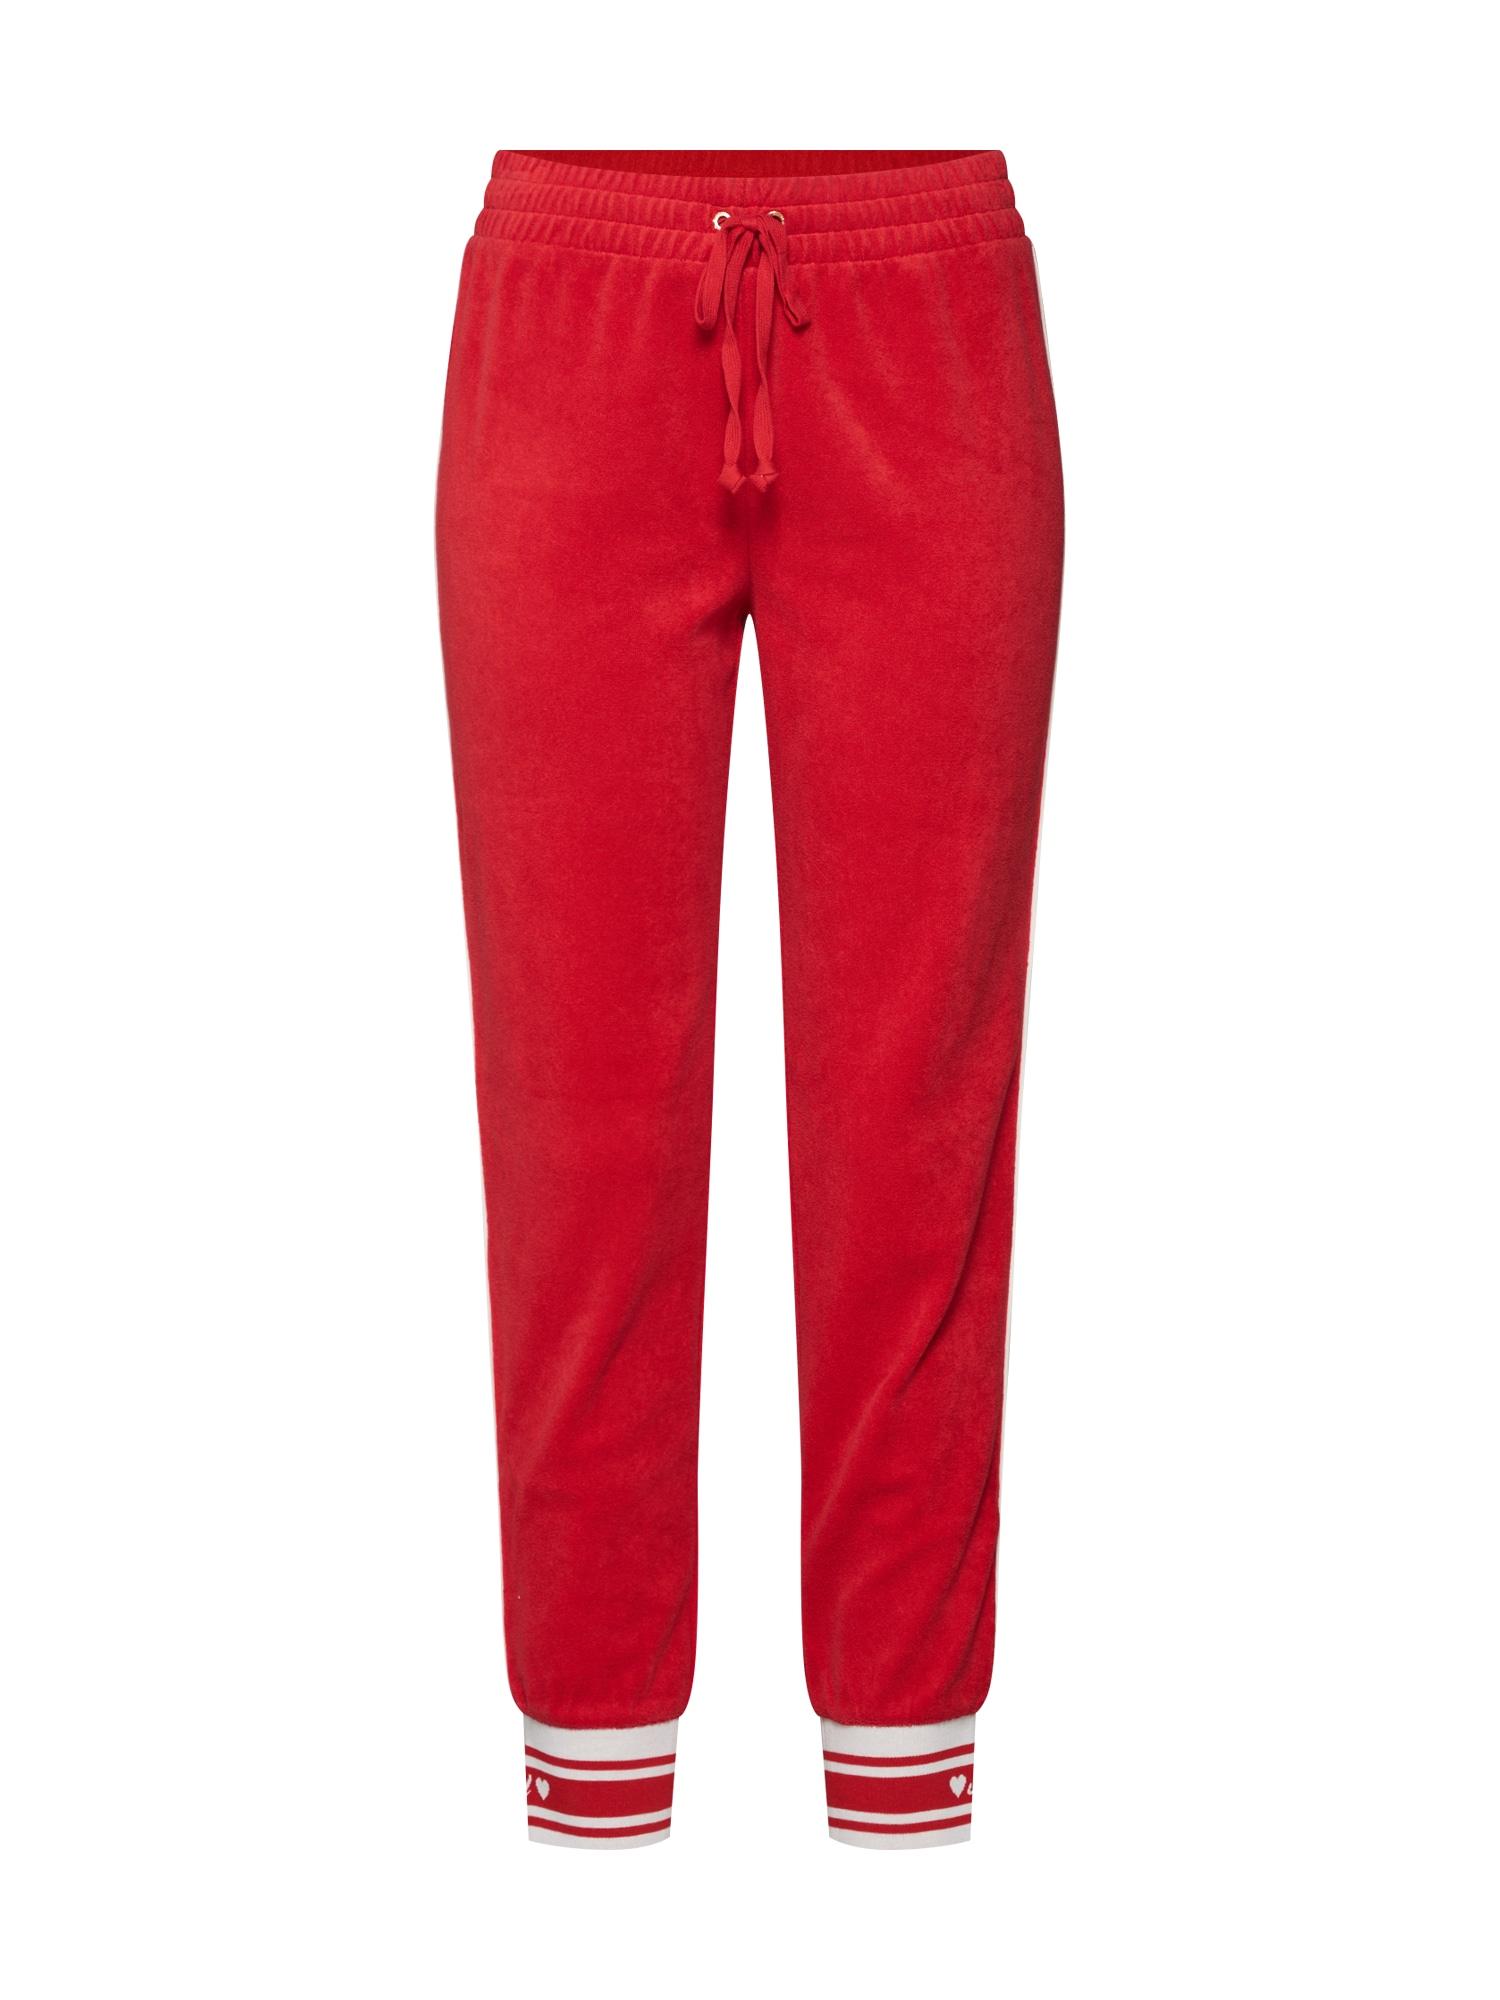 Kalhoty JUICY červená bílá Juicy Couture Black Label